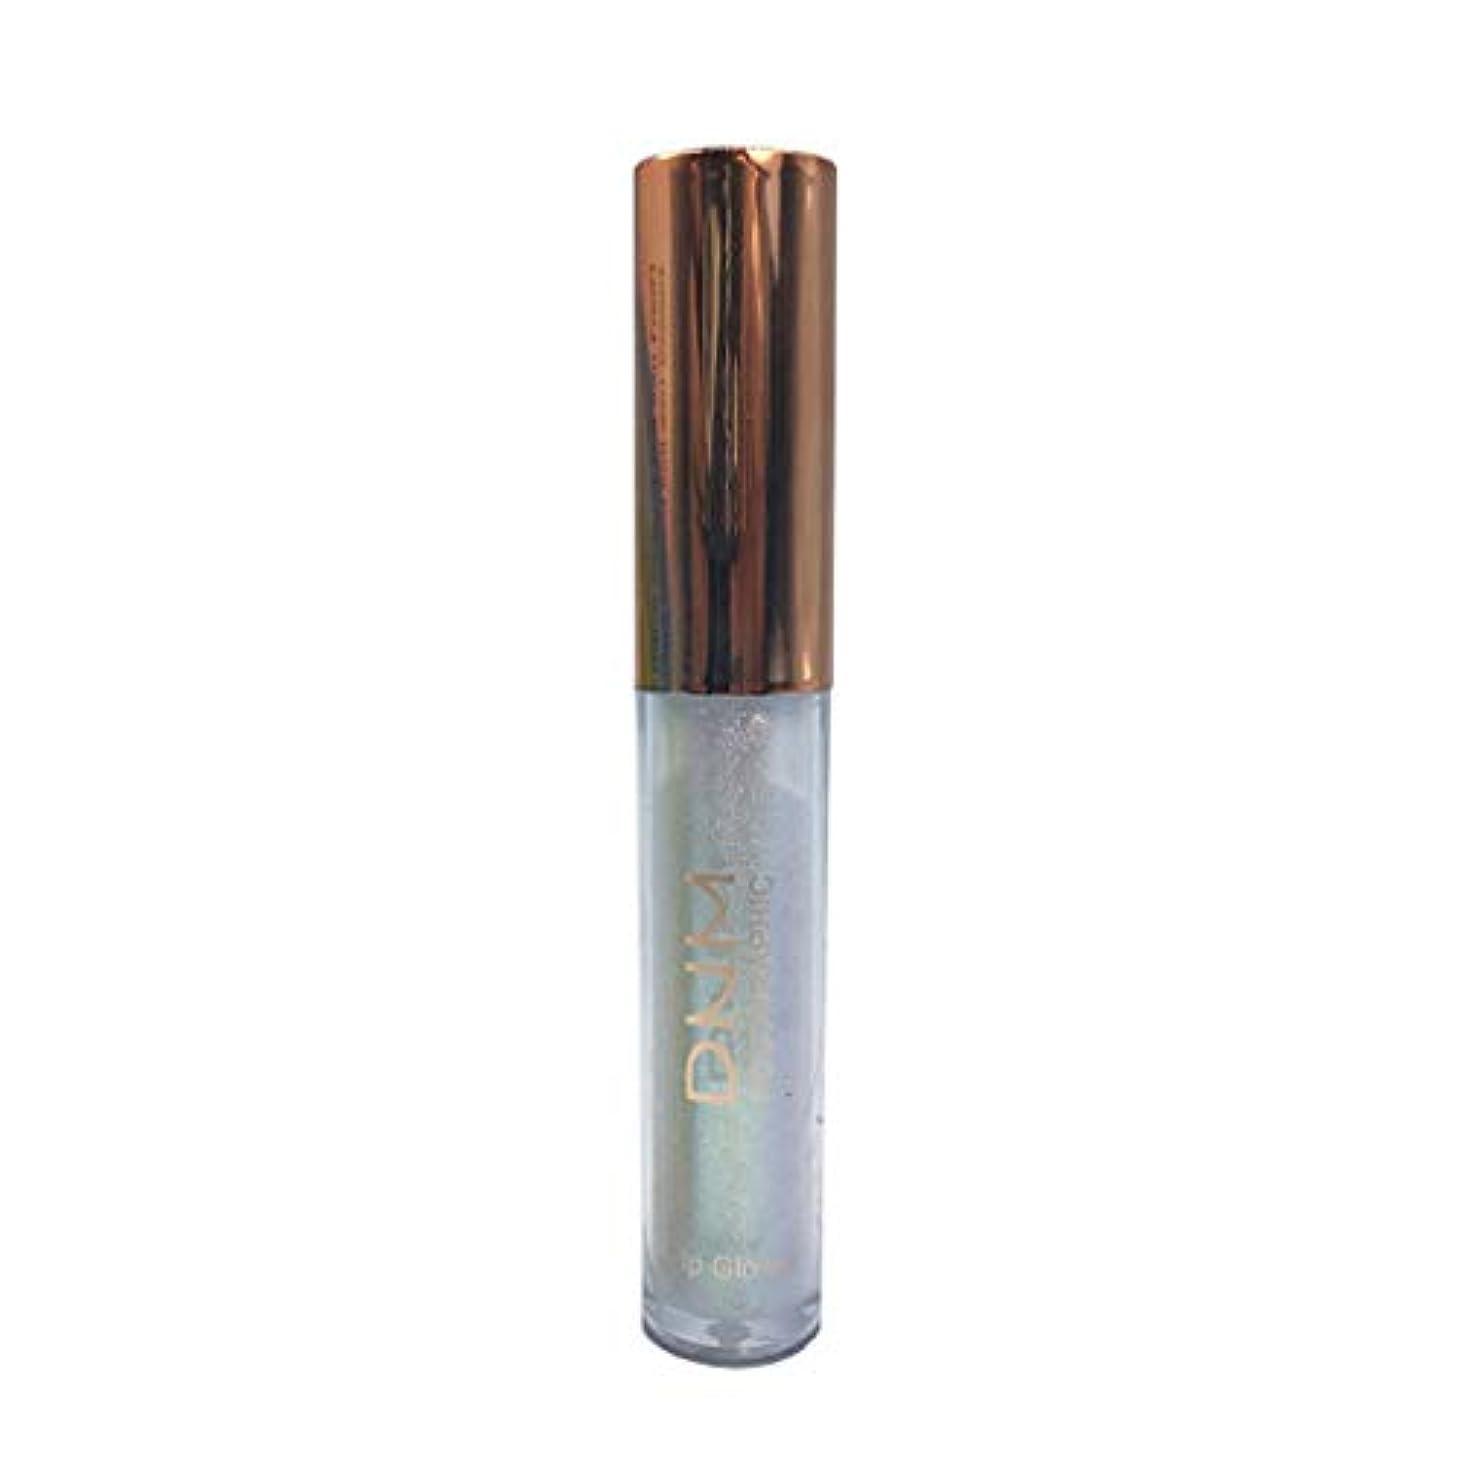 彼の記念碑的な原子炉リップクリーム 液体 キラキラ ピンク 紫系 軽い 口紅 唇 リップバーム 光沢 分極 防水 長続き リップラインの色を鮮やかに描くルージュhuajuan (A)